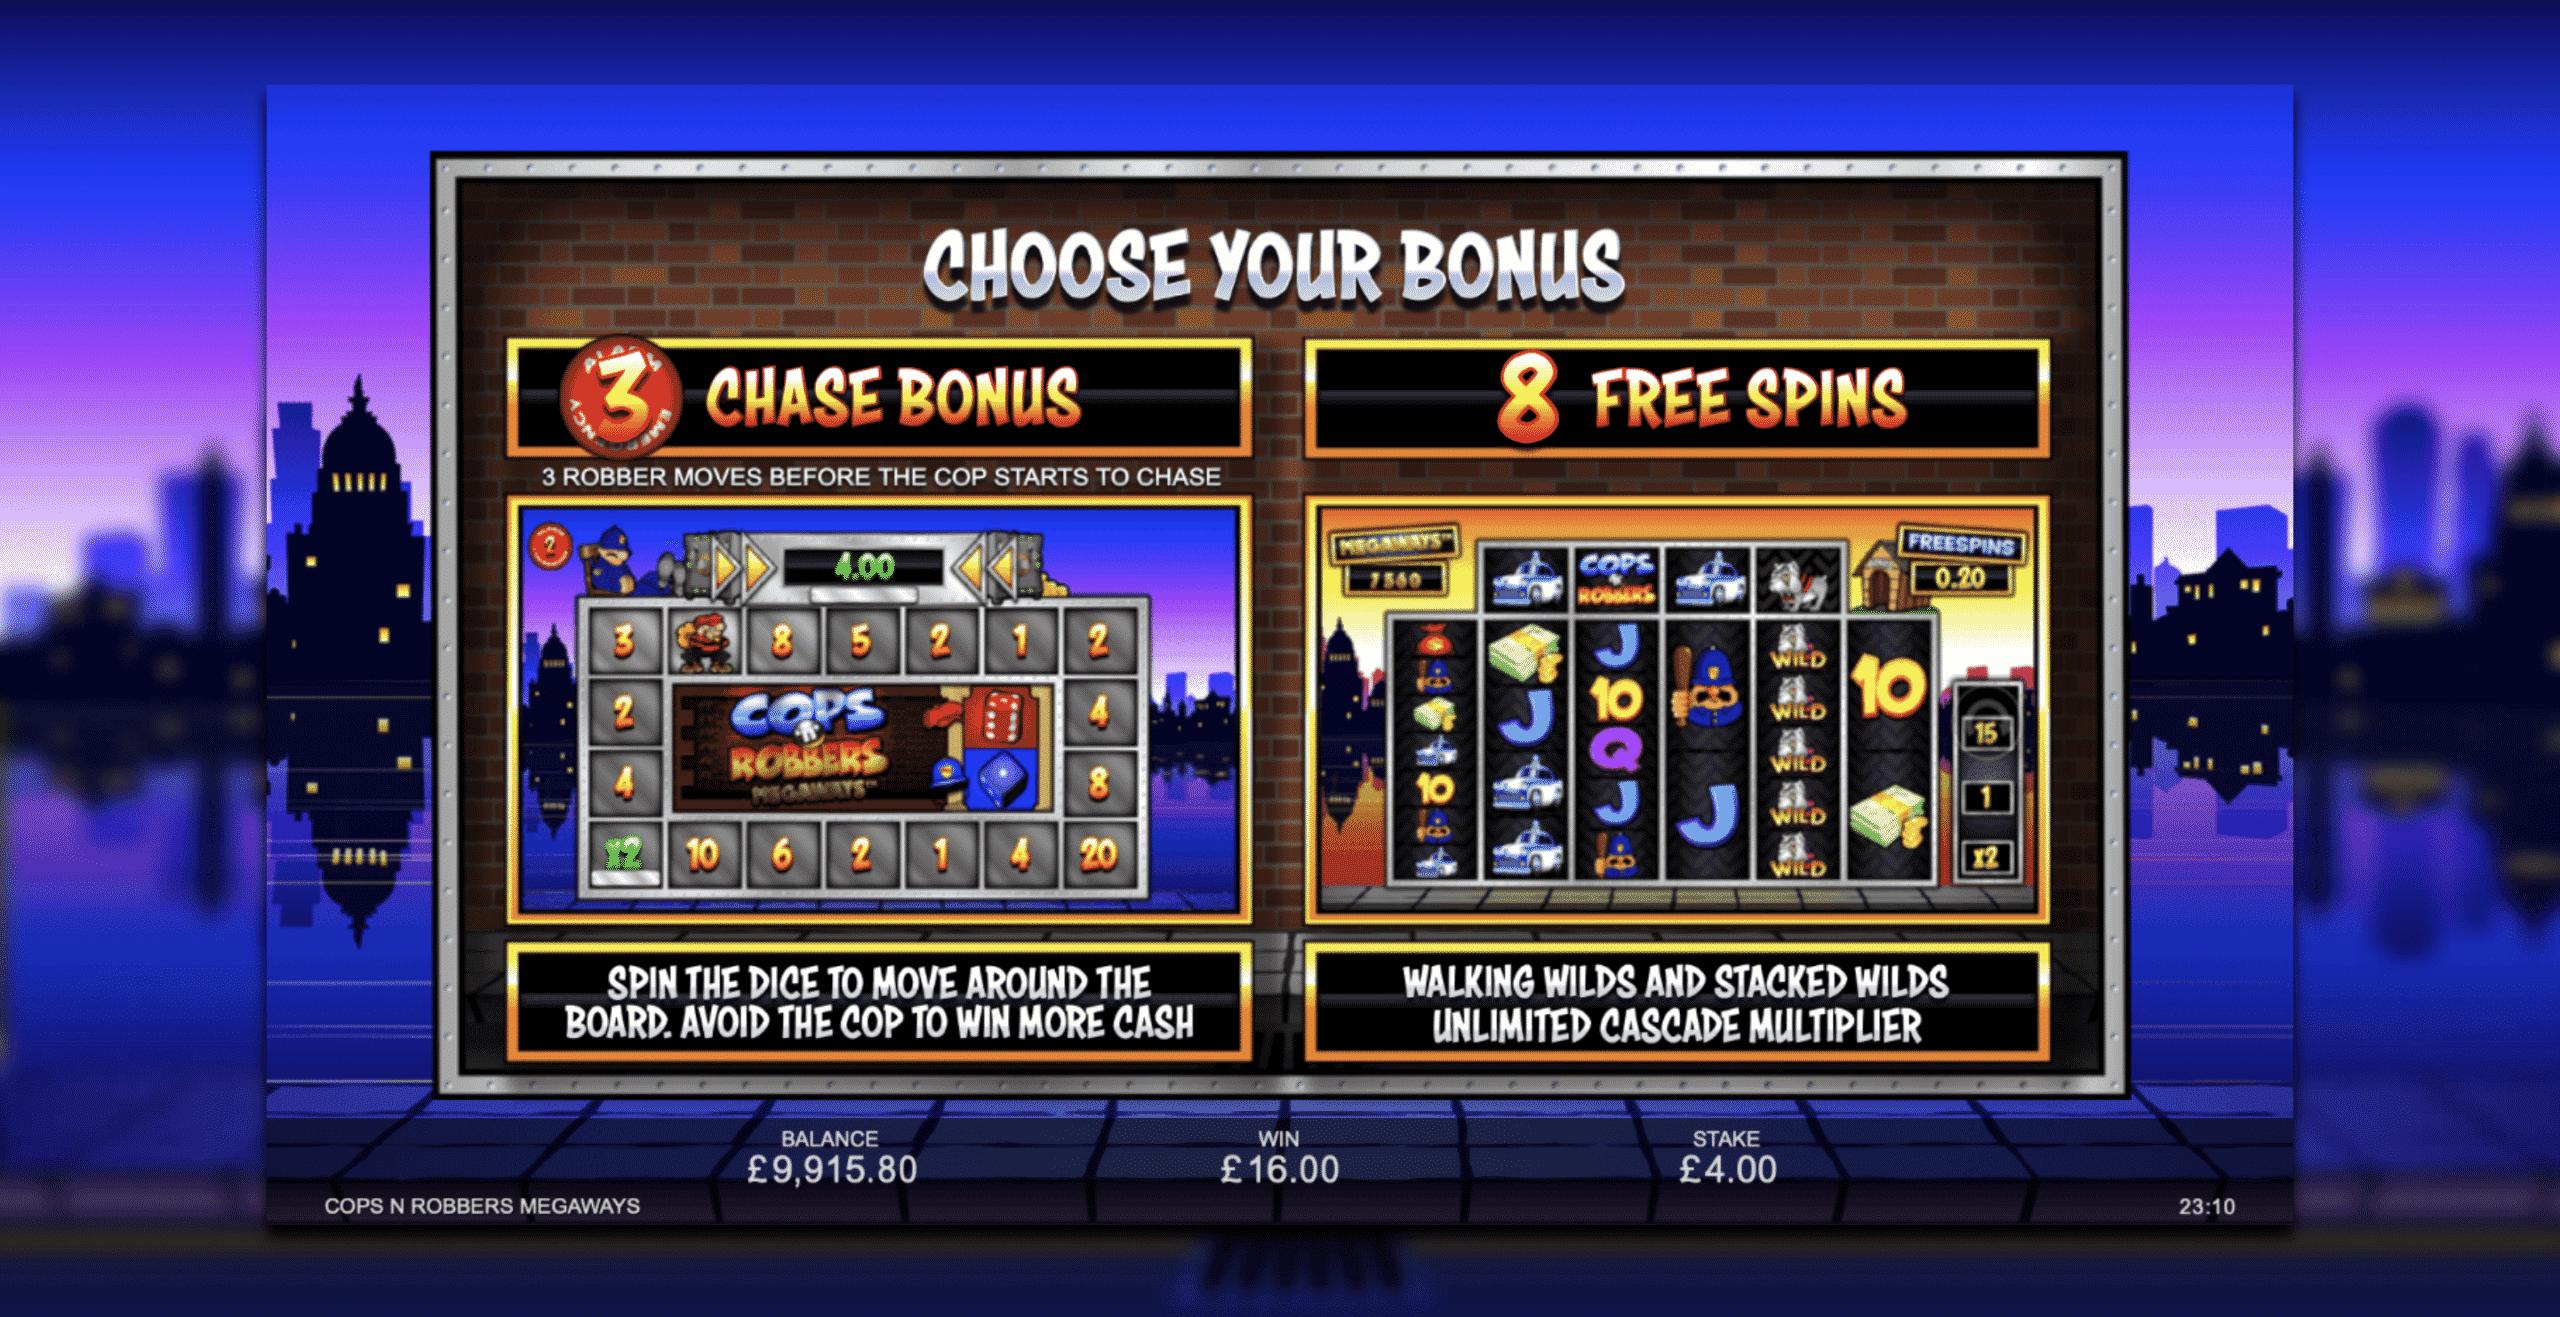 Cops 'n' Robbers Megaways Bonus Choice